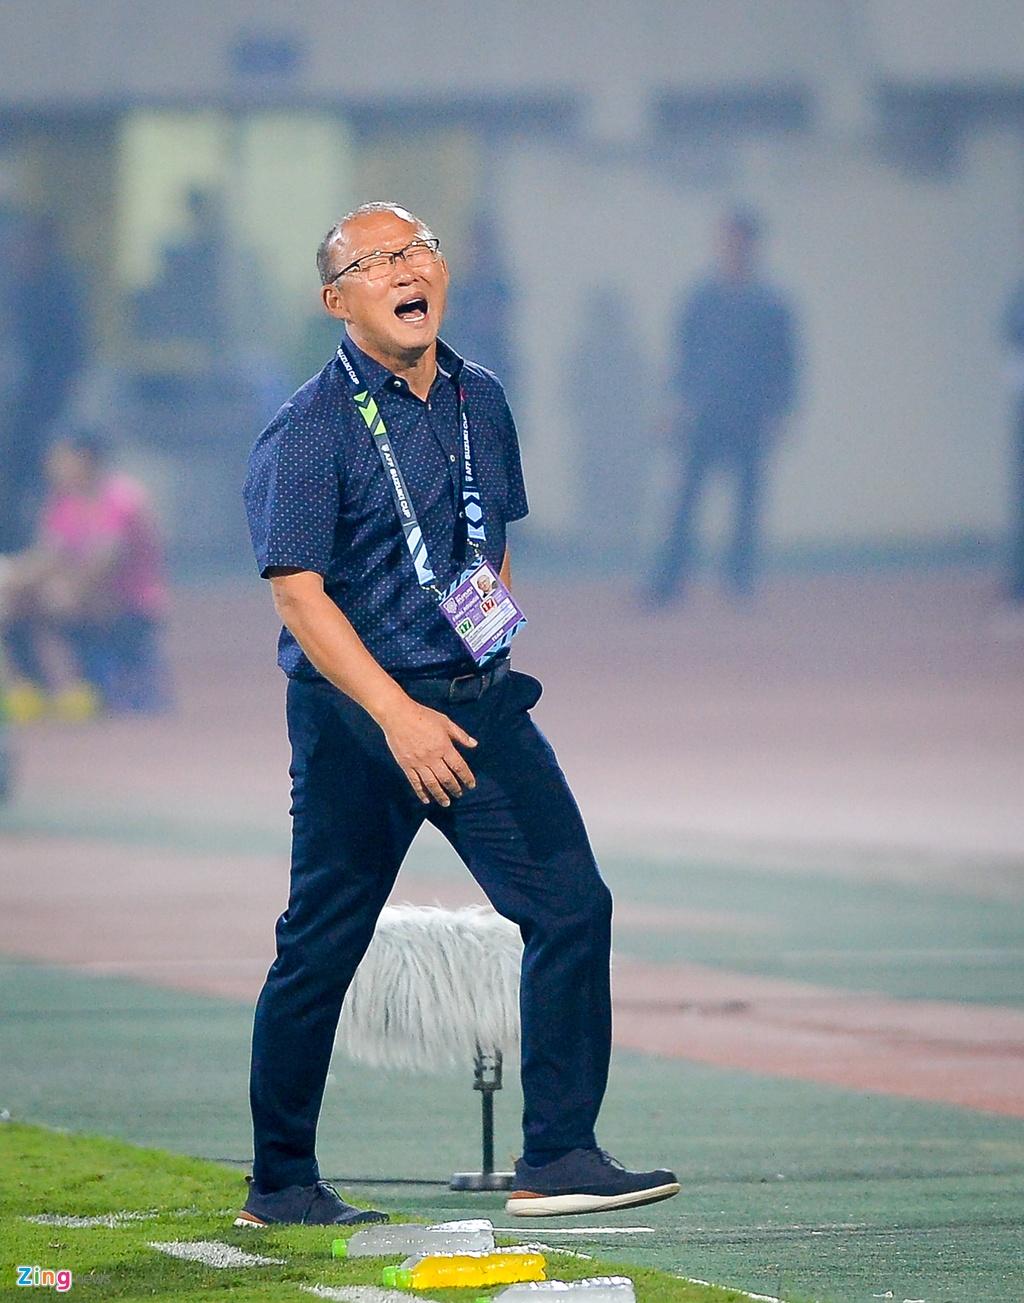 Phan ung dang yeu cua HLV Park Hang-seo trong tran gap Campuchia hinh anh 7